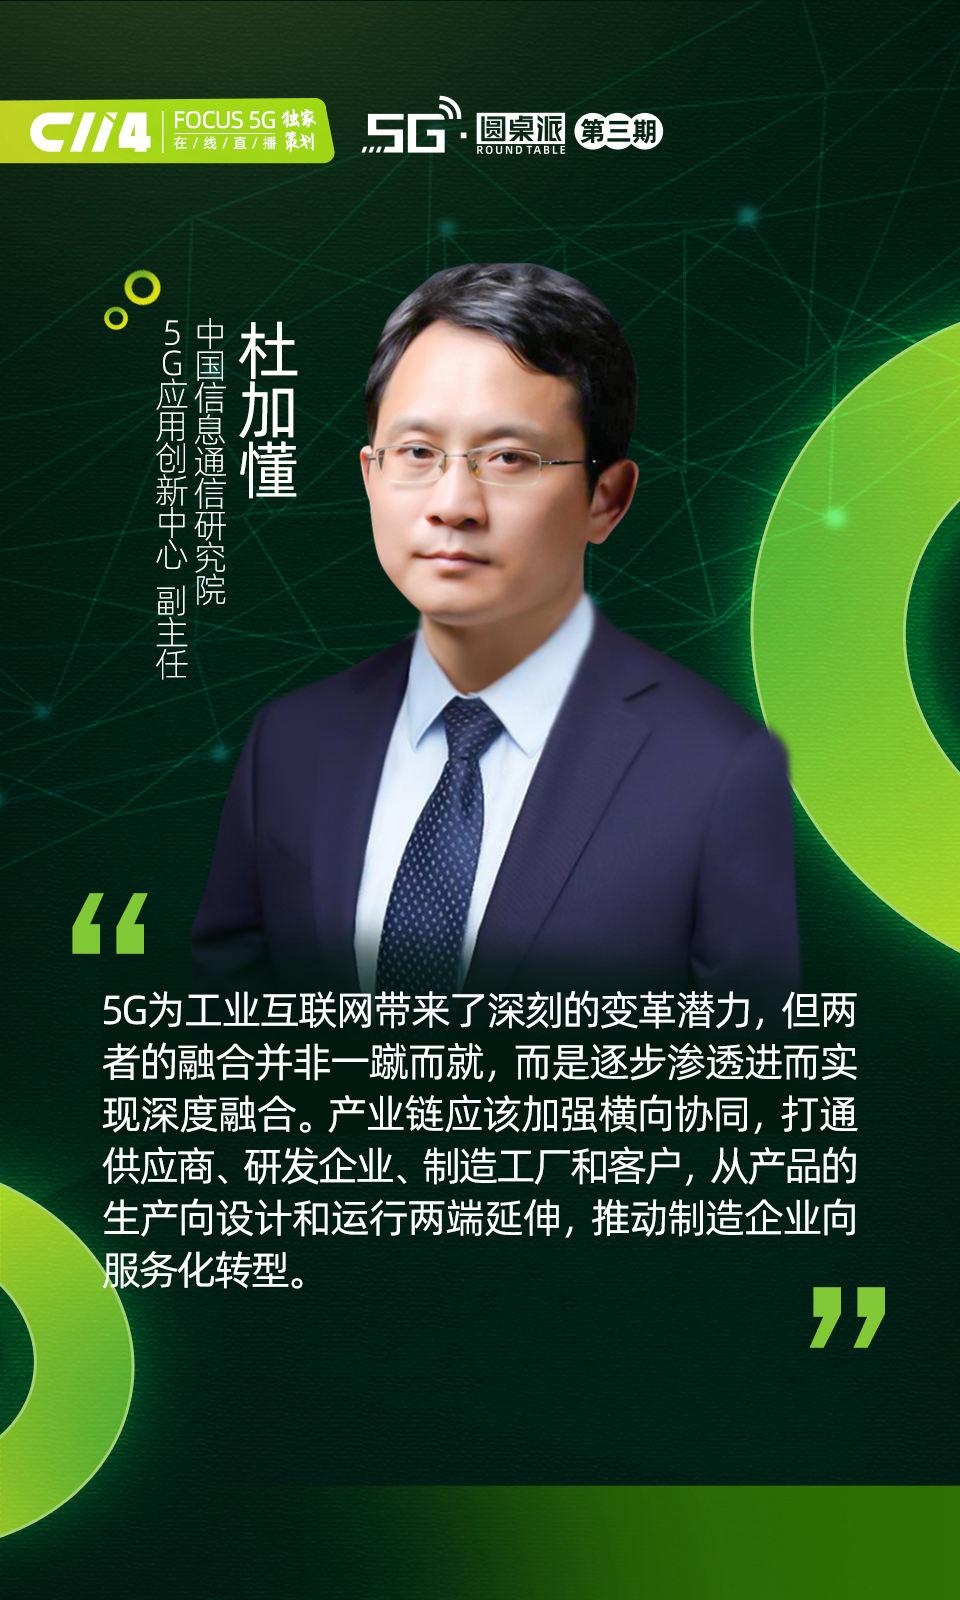 杜加懂:5G赋能工业互联网深刻变革产业协同加速融合进程